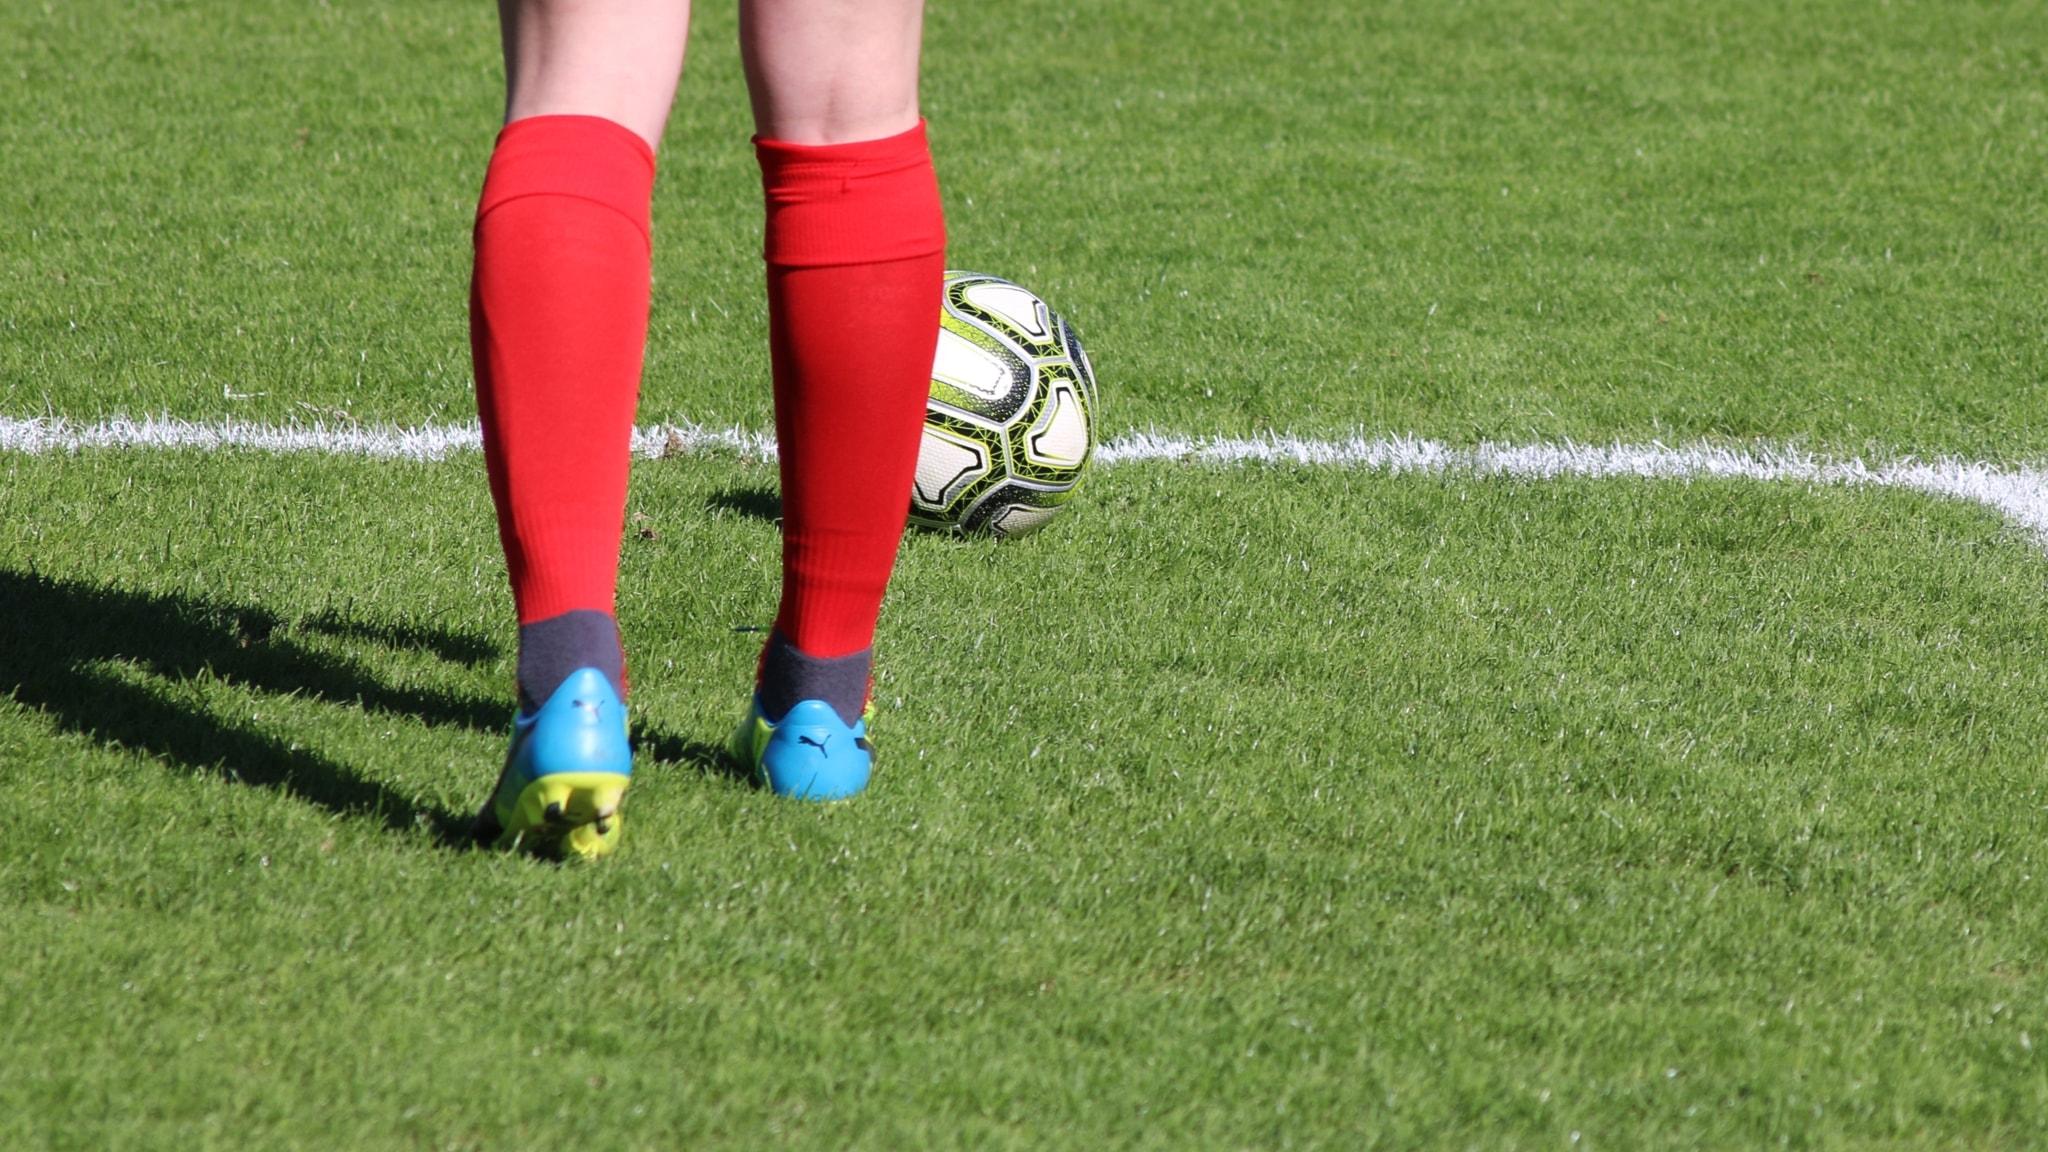 Efterlysning inför fotbollsskola i Kristdala - P4 Kalmar  e6693c11b40a0